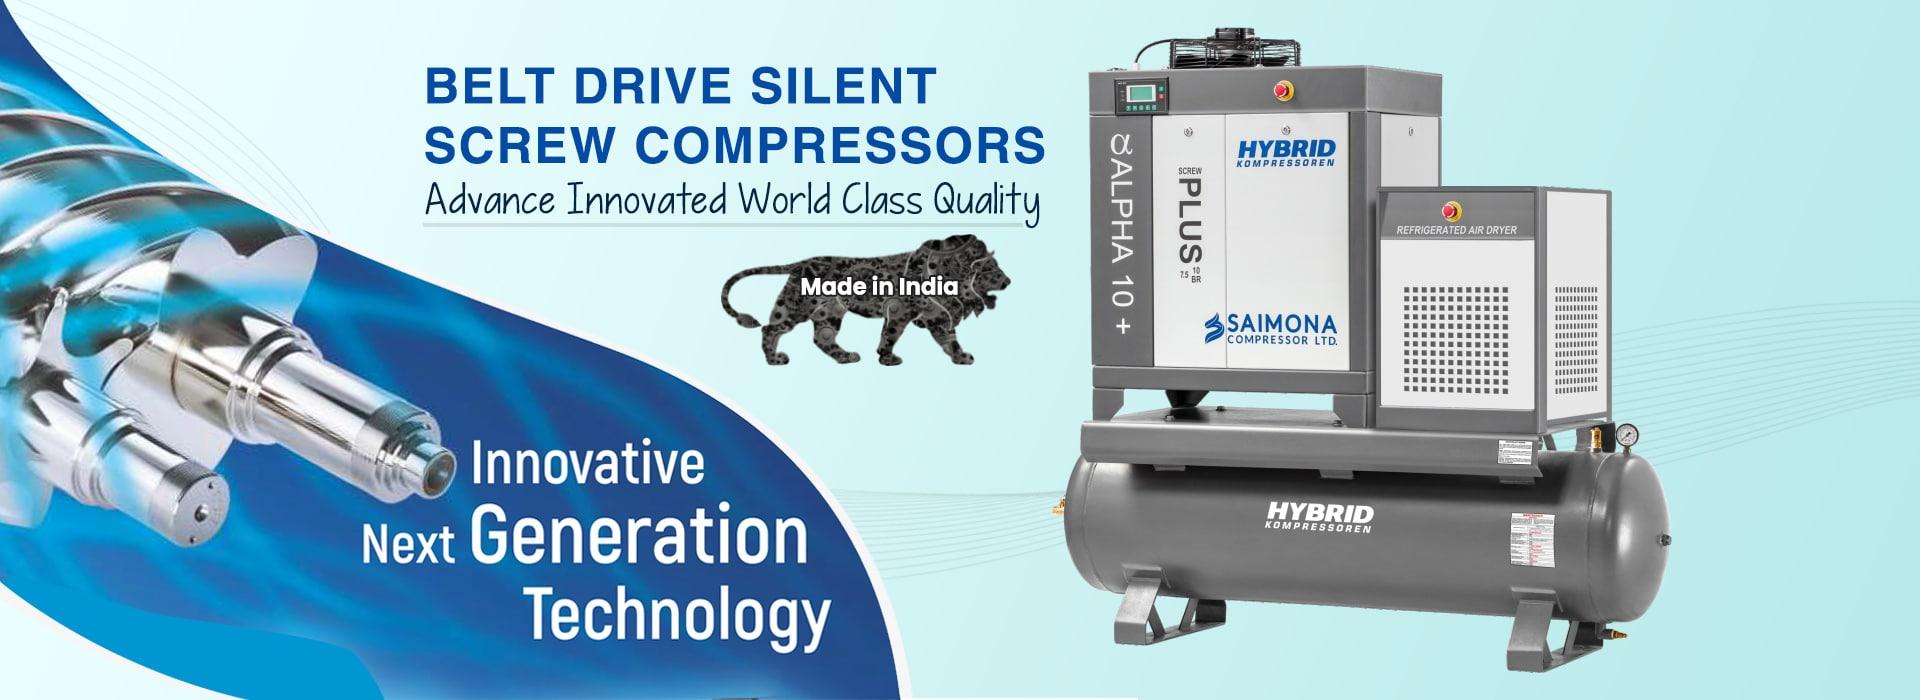 Screw Compressor Spares Exporters from USA, UE, Canada